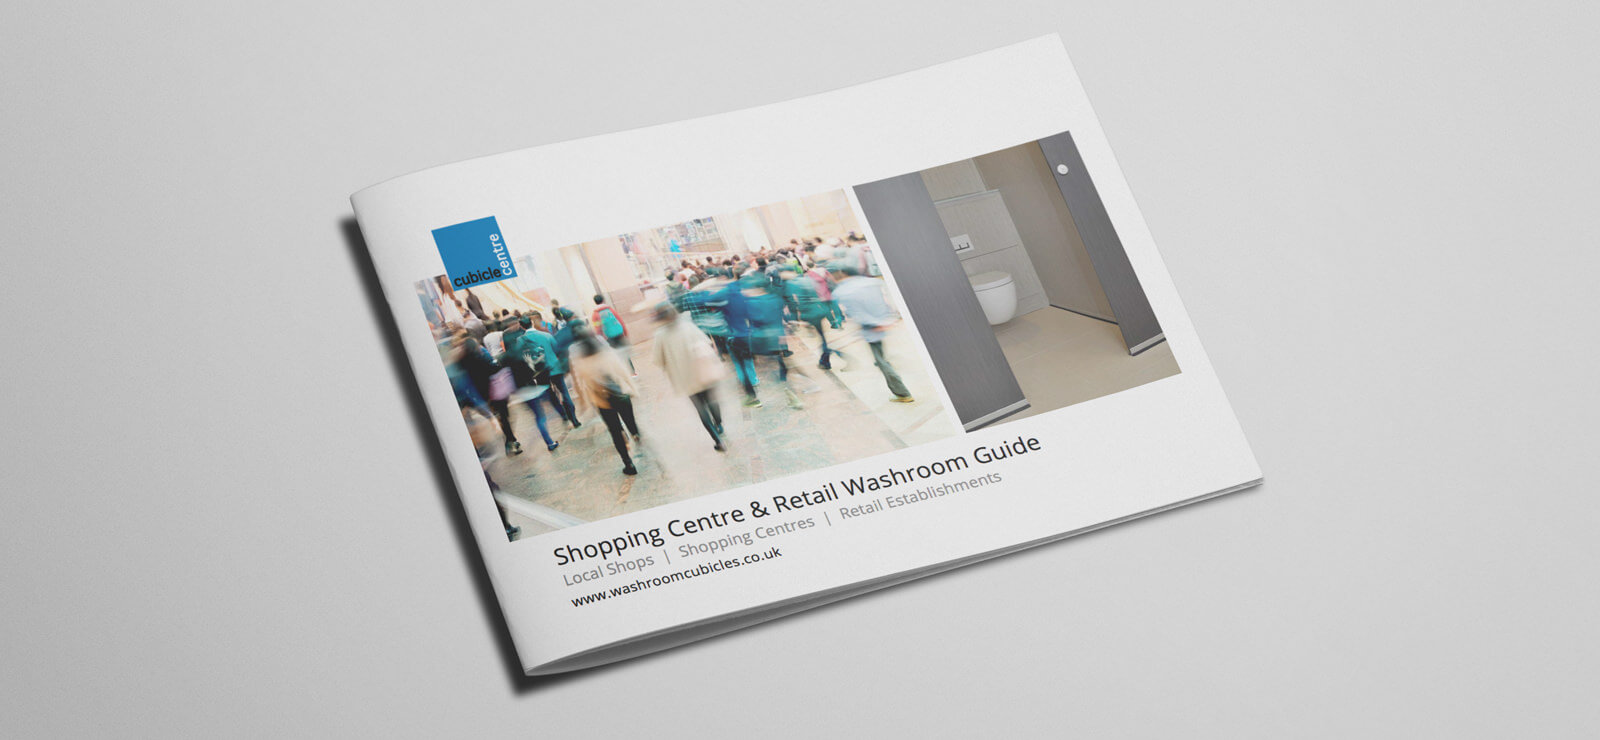 Retail Washroom guide